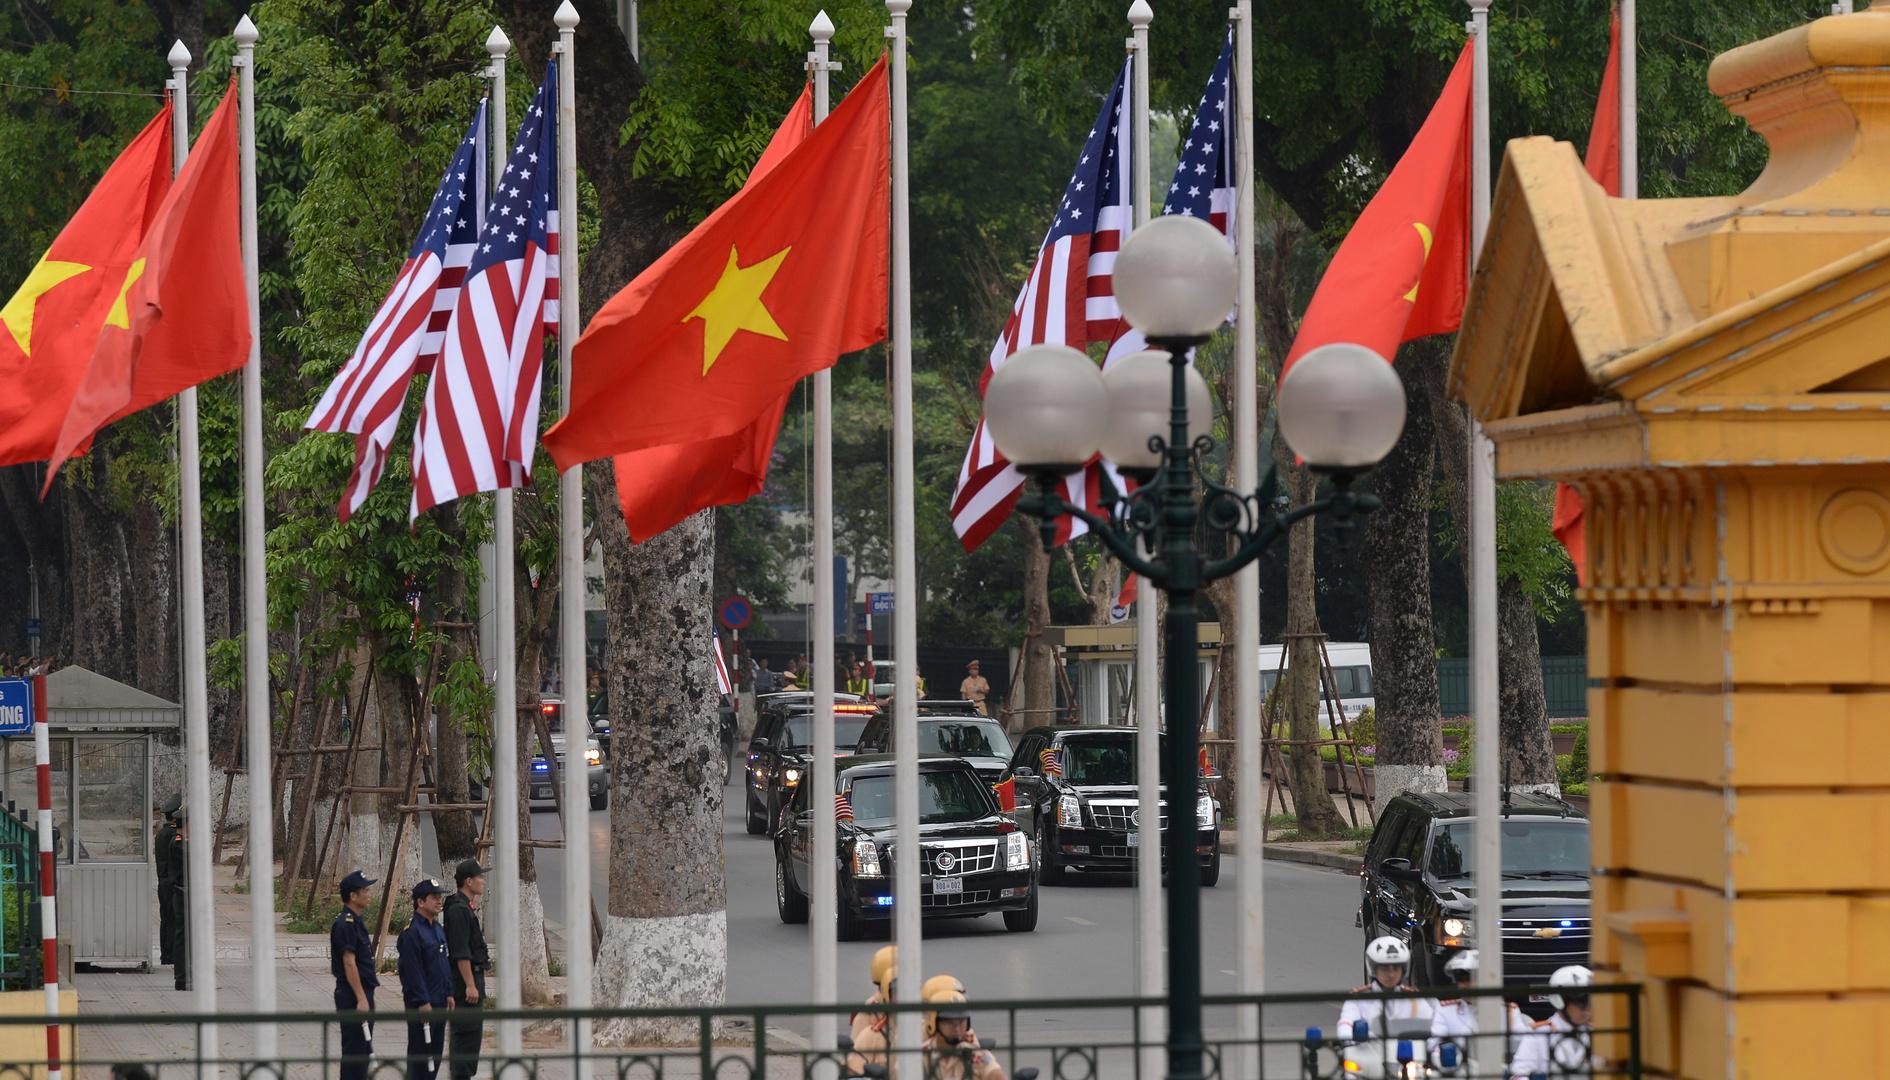 محكمة فرنسية ترفض دعوى تتعلق باستخدام الجيش الأمريكي لمبيد سام في فيتنام